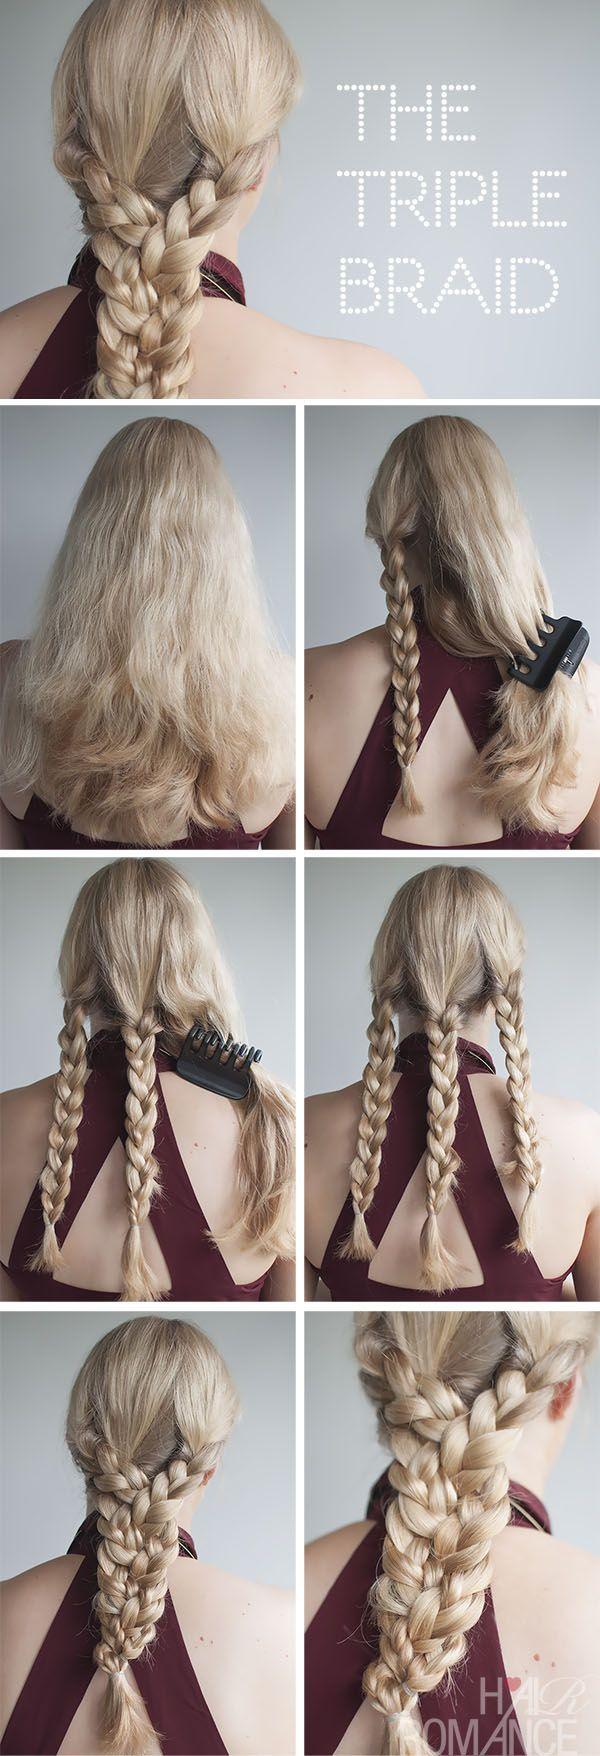 Hair Romance - triple braid tutorial